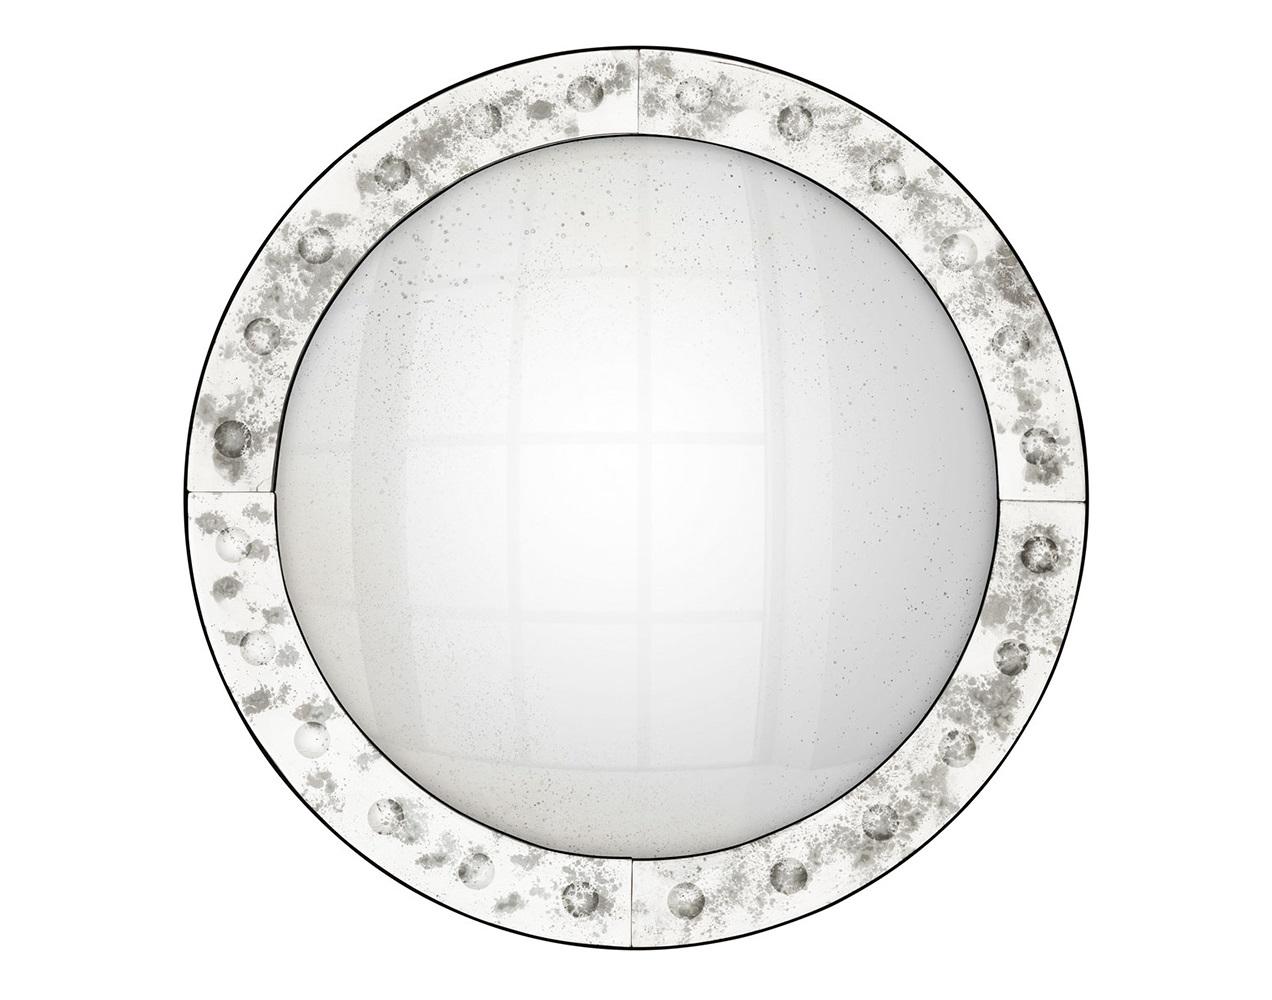 ЗеркалоНастенные зеркала<br>Зеркало Mirror Pasteur состаренное в зеркальной рамке.<br><br>Material: Стекло<br>Ширина см: 92.0<br>Высота см: 92.0